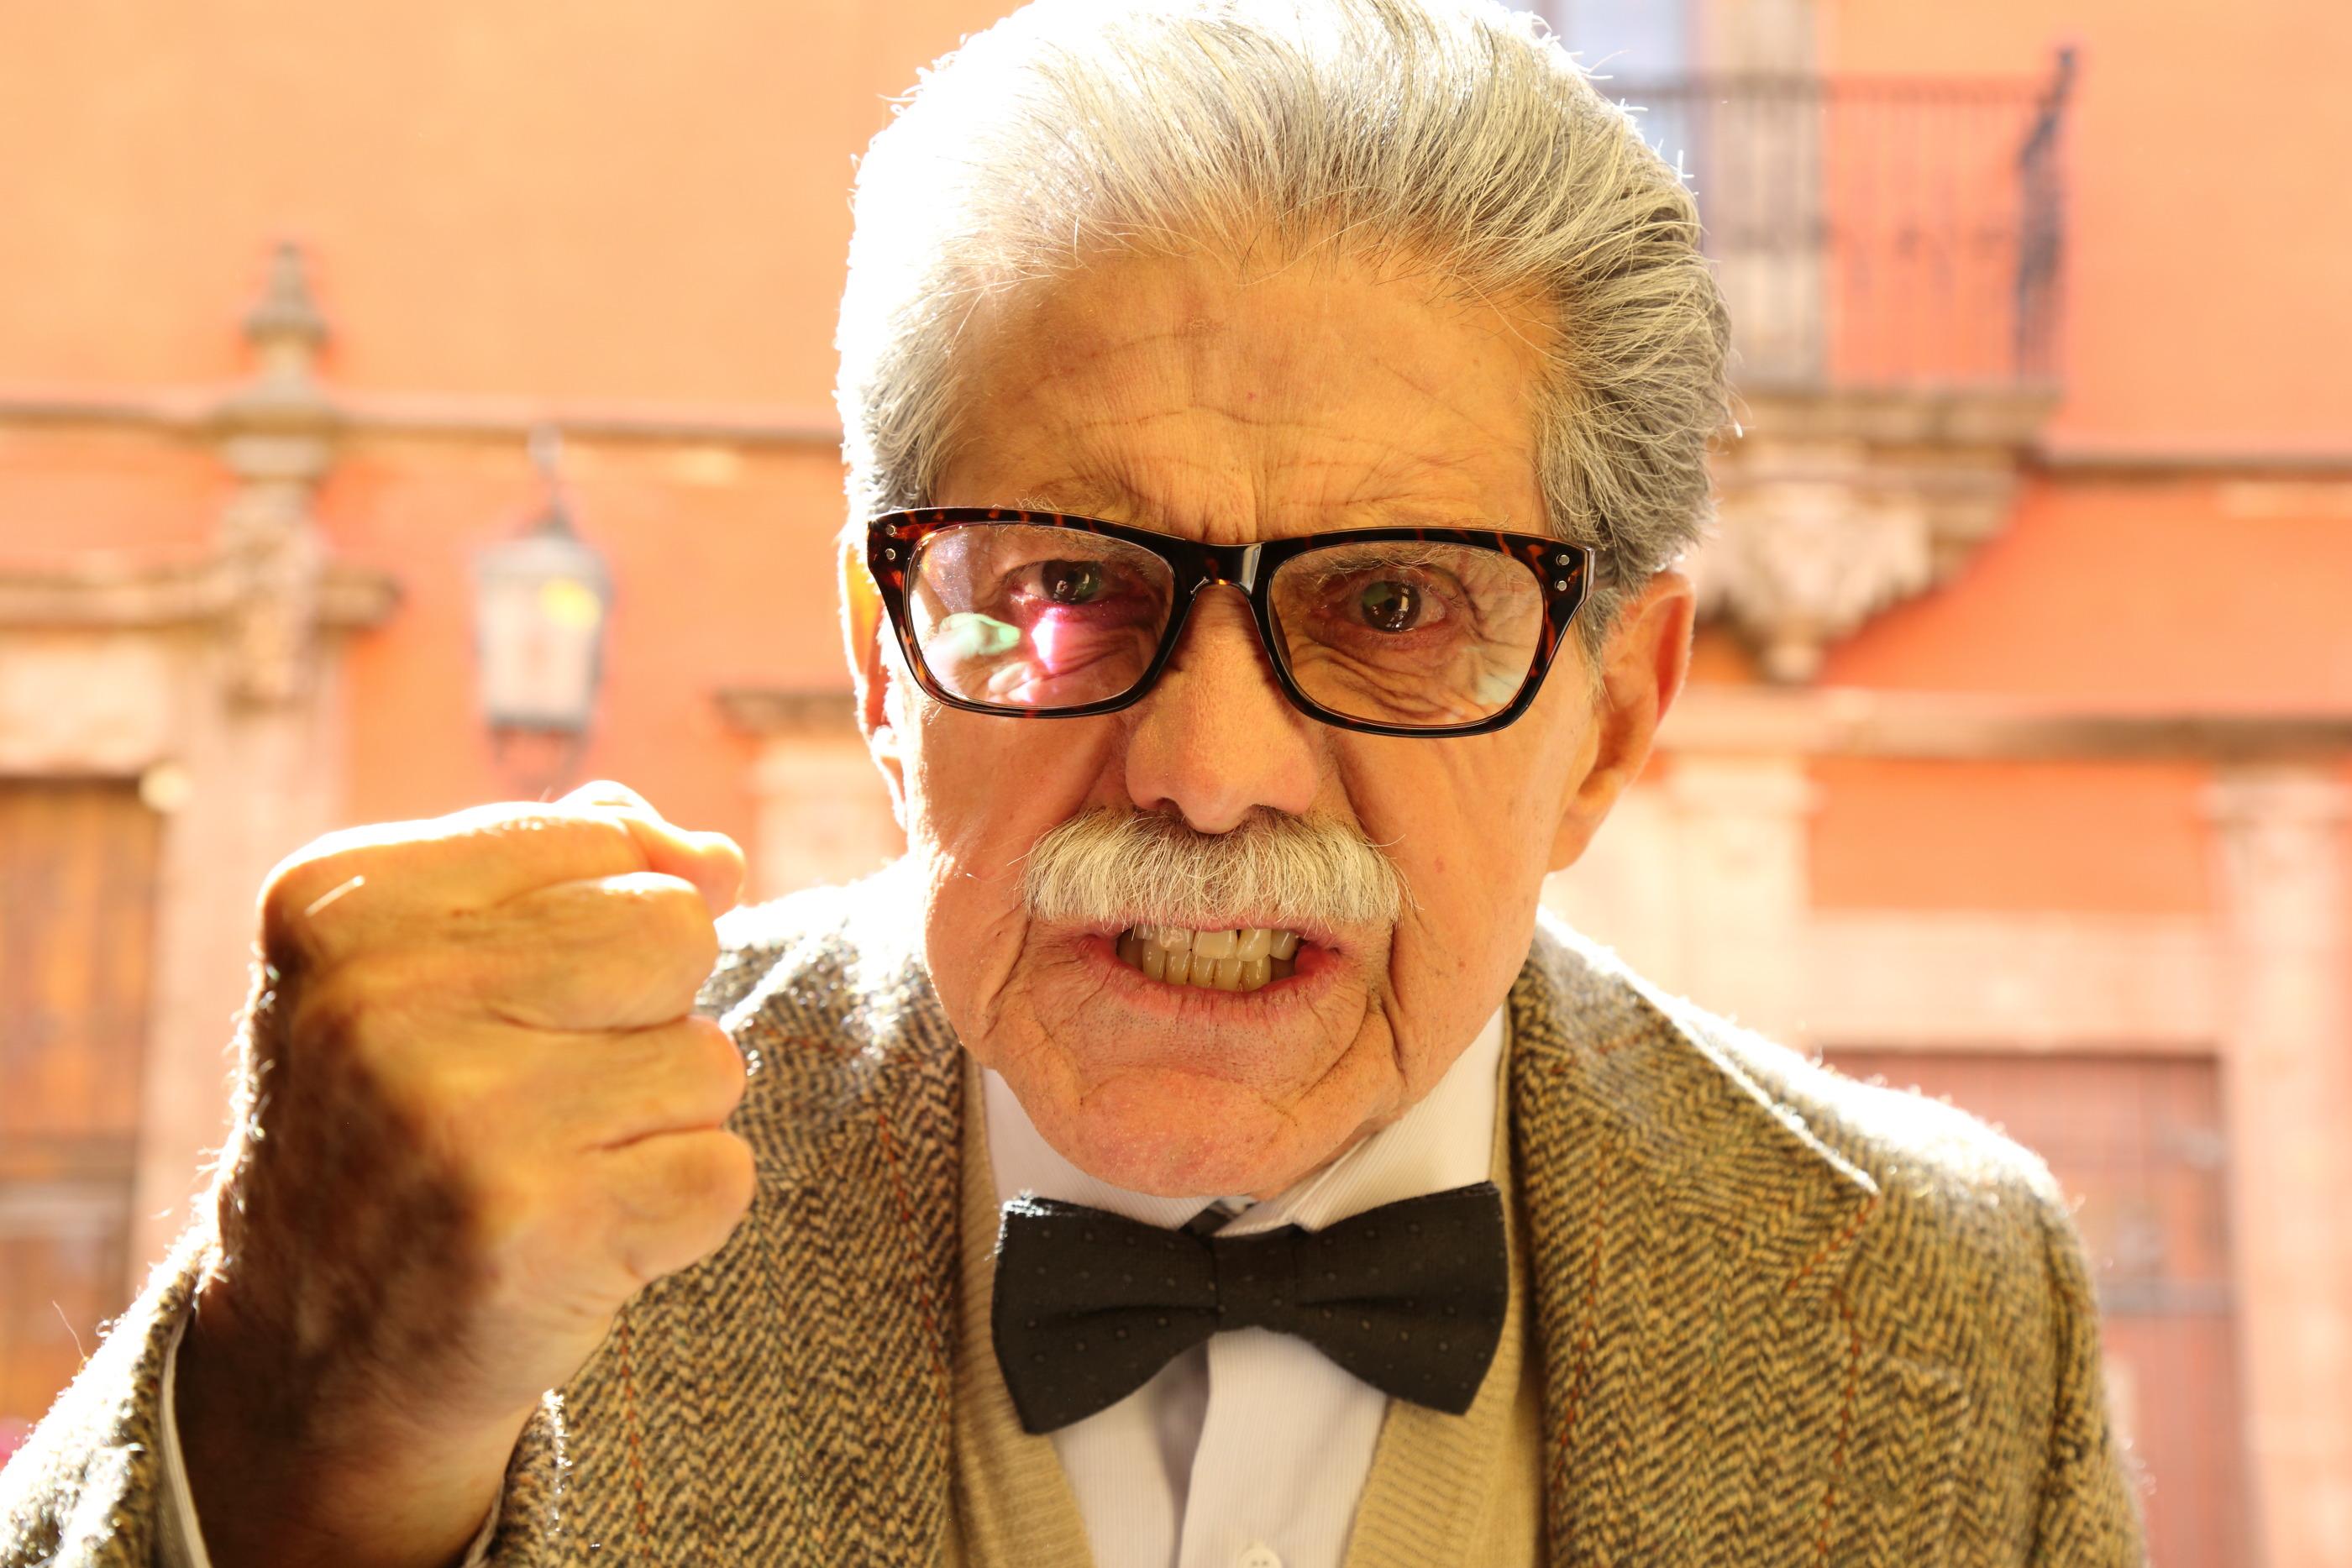 El cine mexicano va por 30 millones de espectadores en 2016